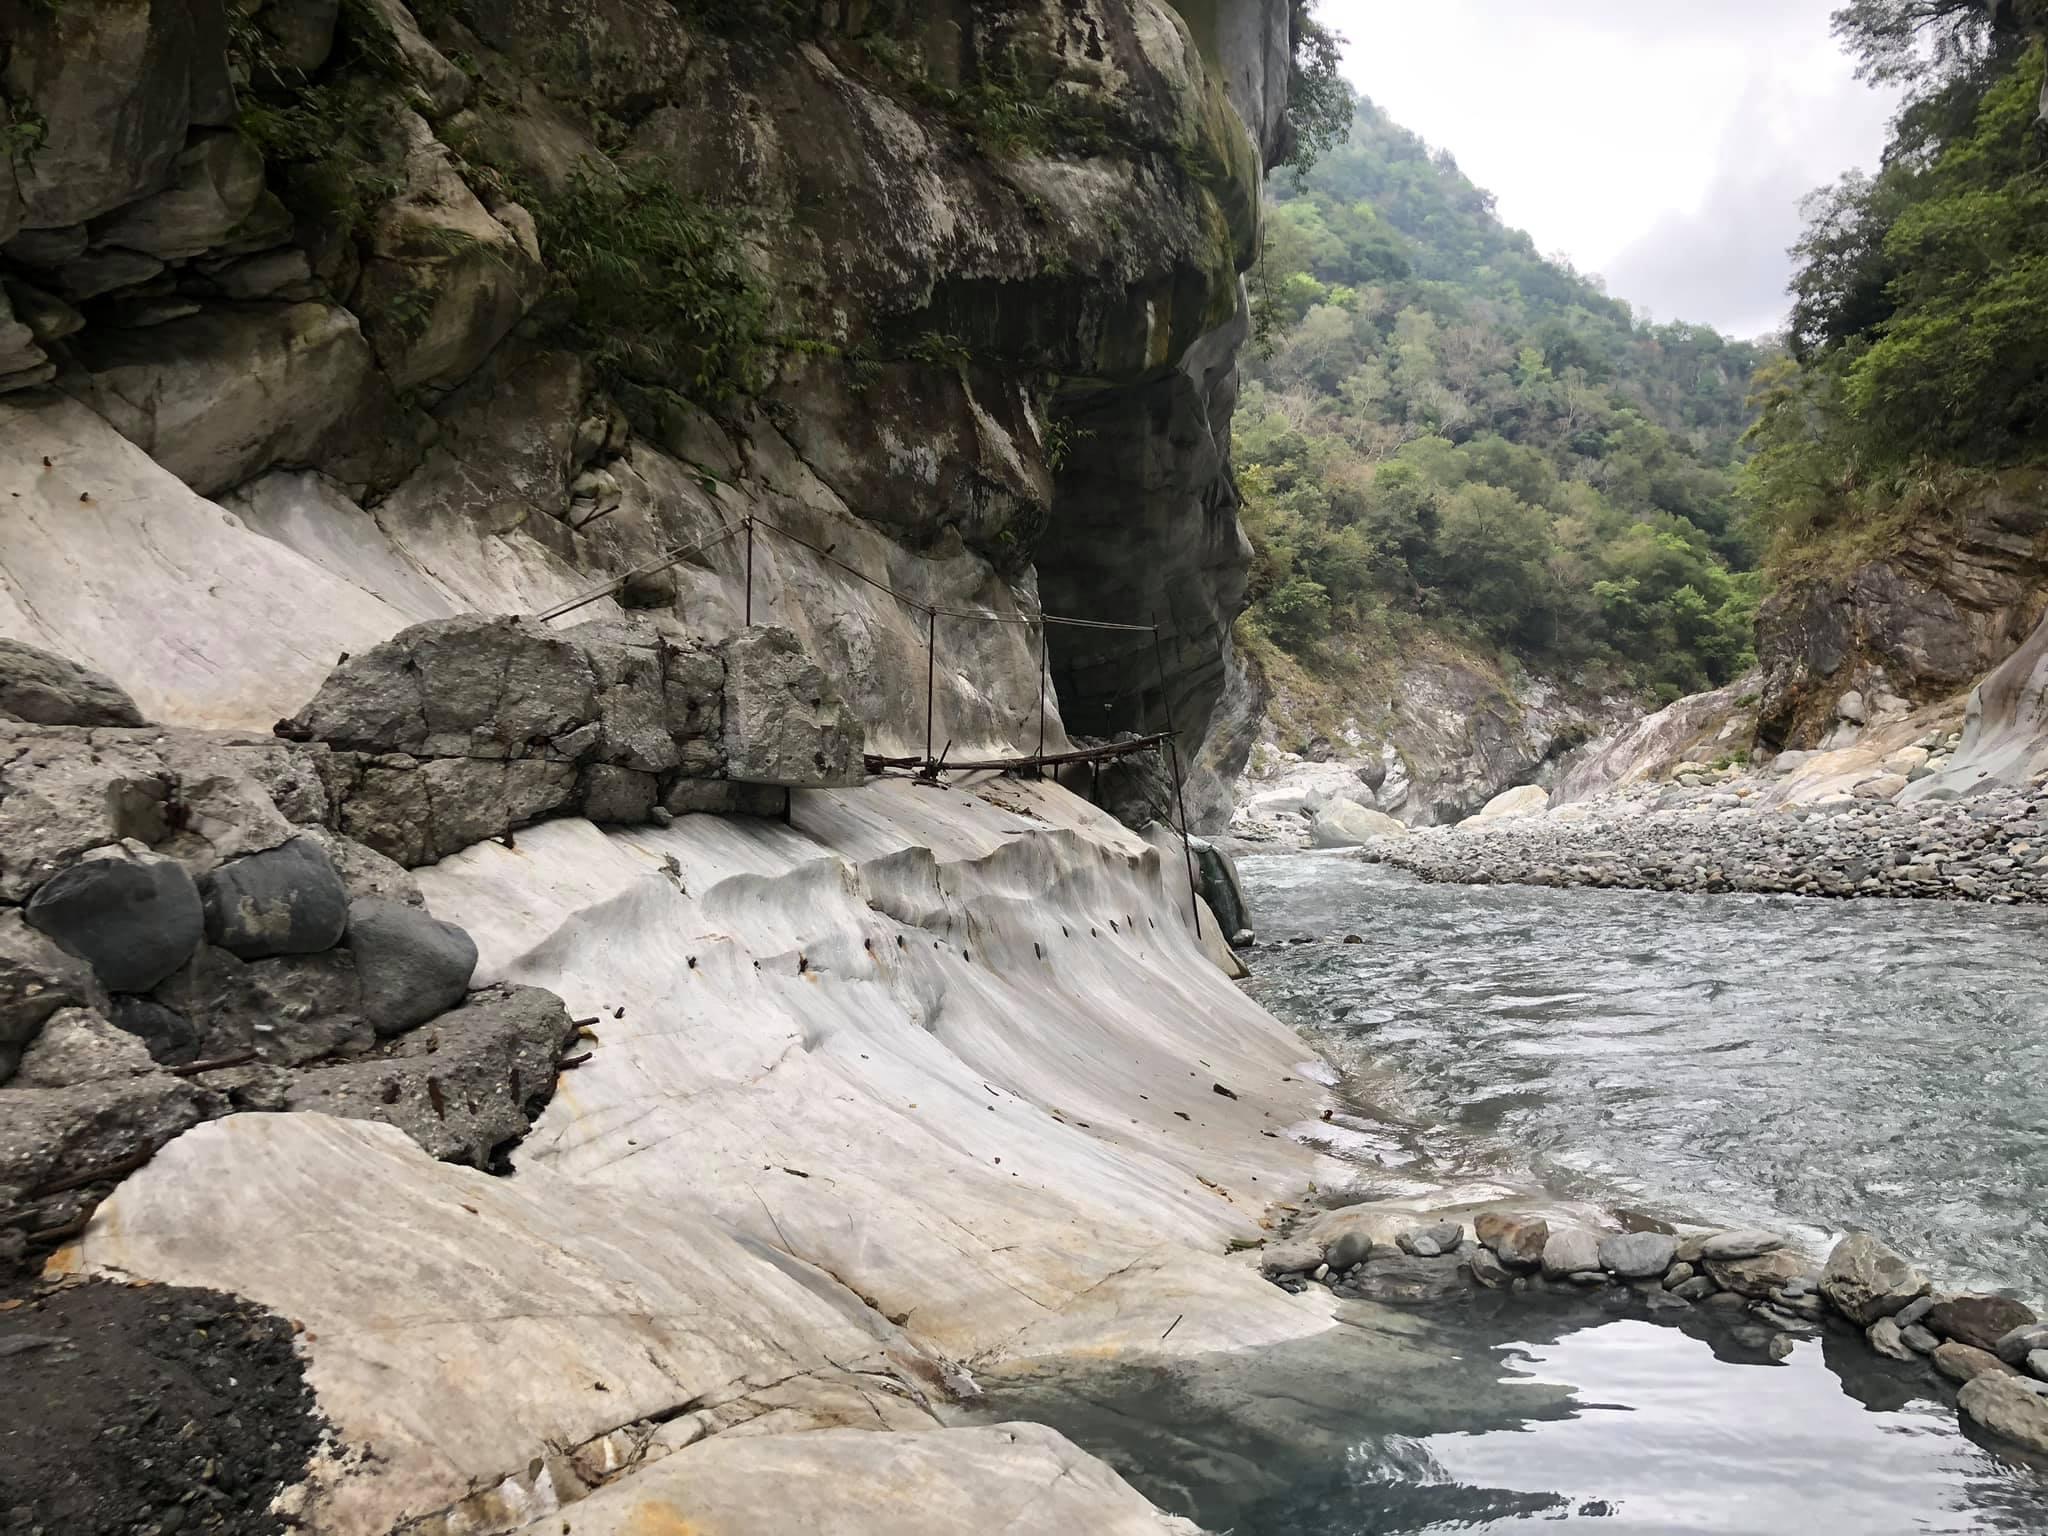 Национальный парк, Тайвань, Фото: личный архив Григория Скобло